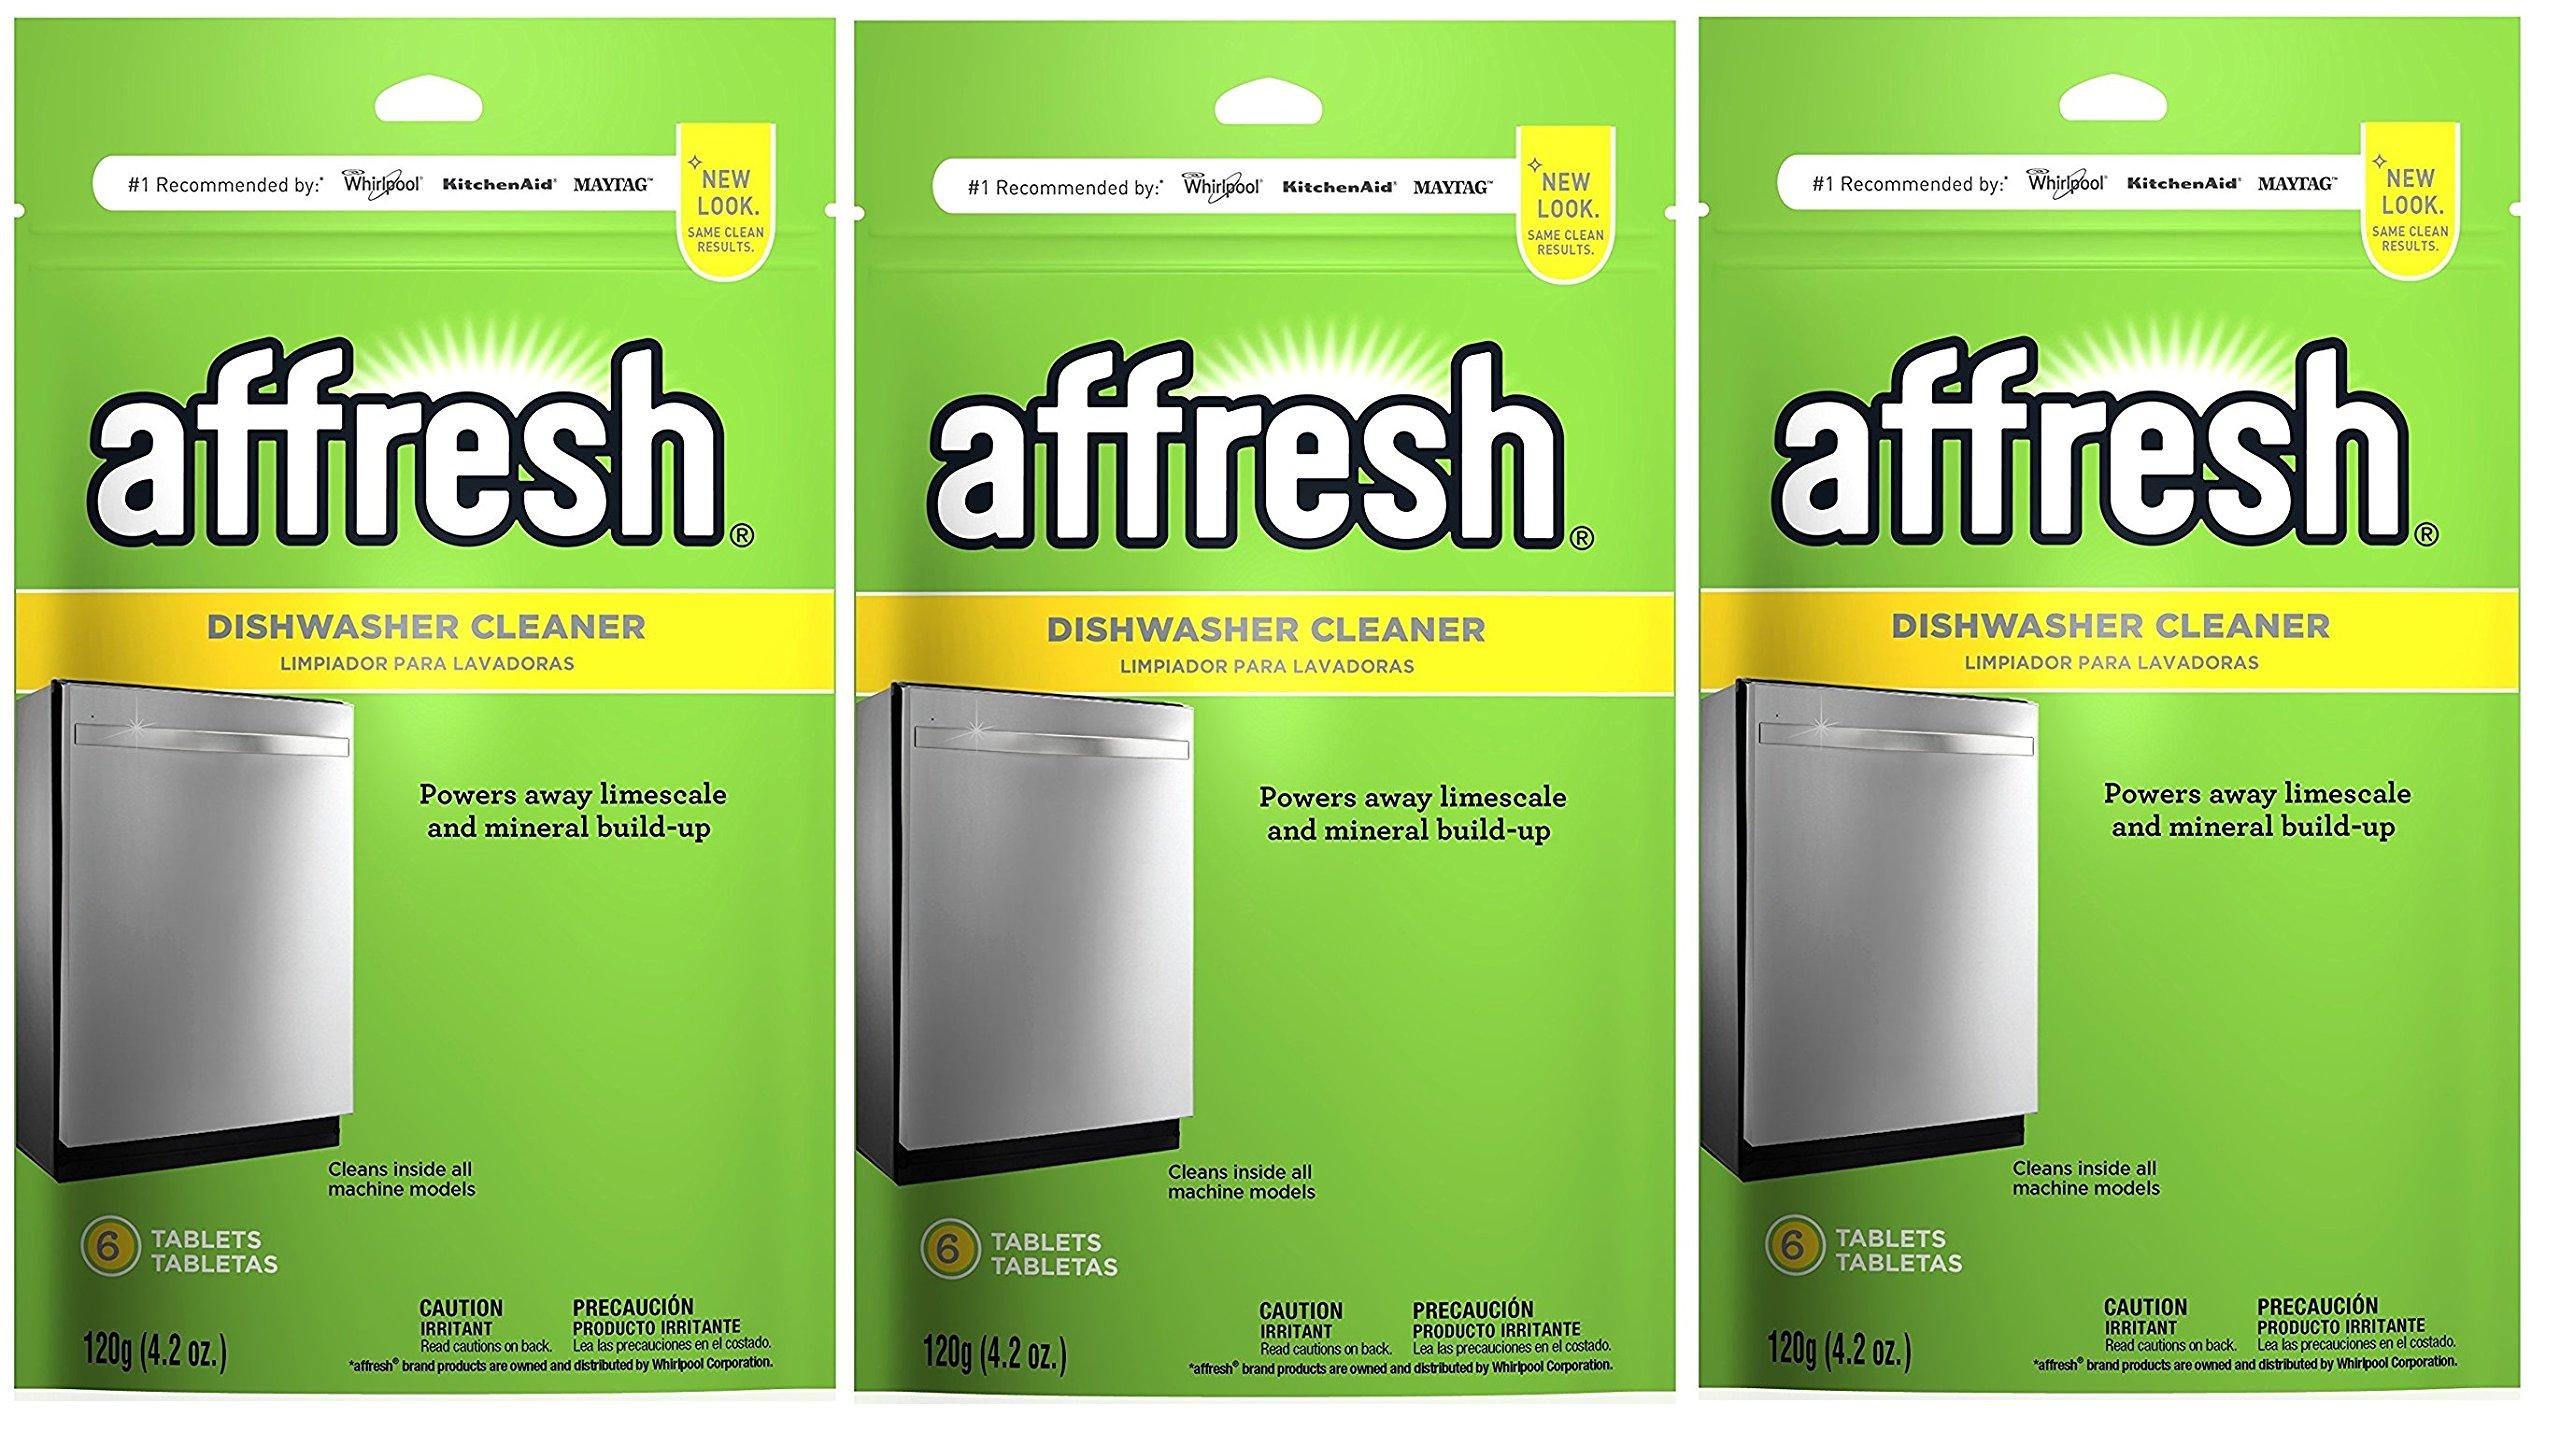 Affresh W10282479 Dishwasher Cleaner, (18 Tablets)